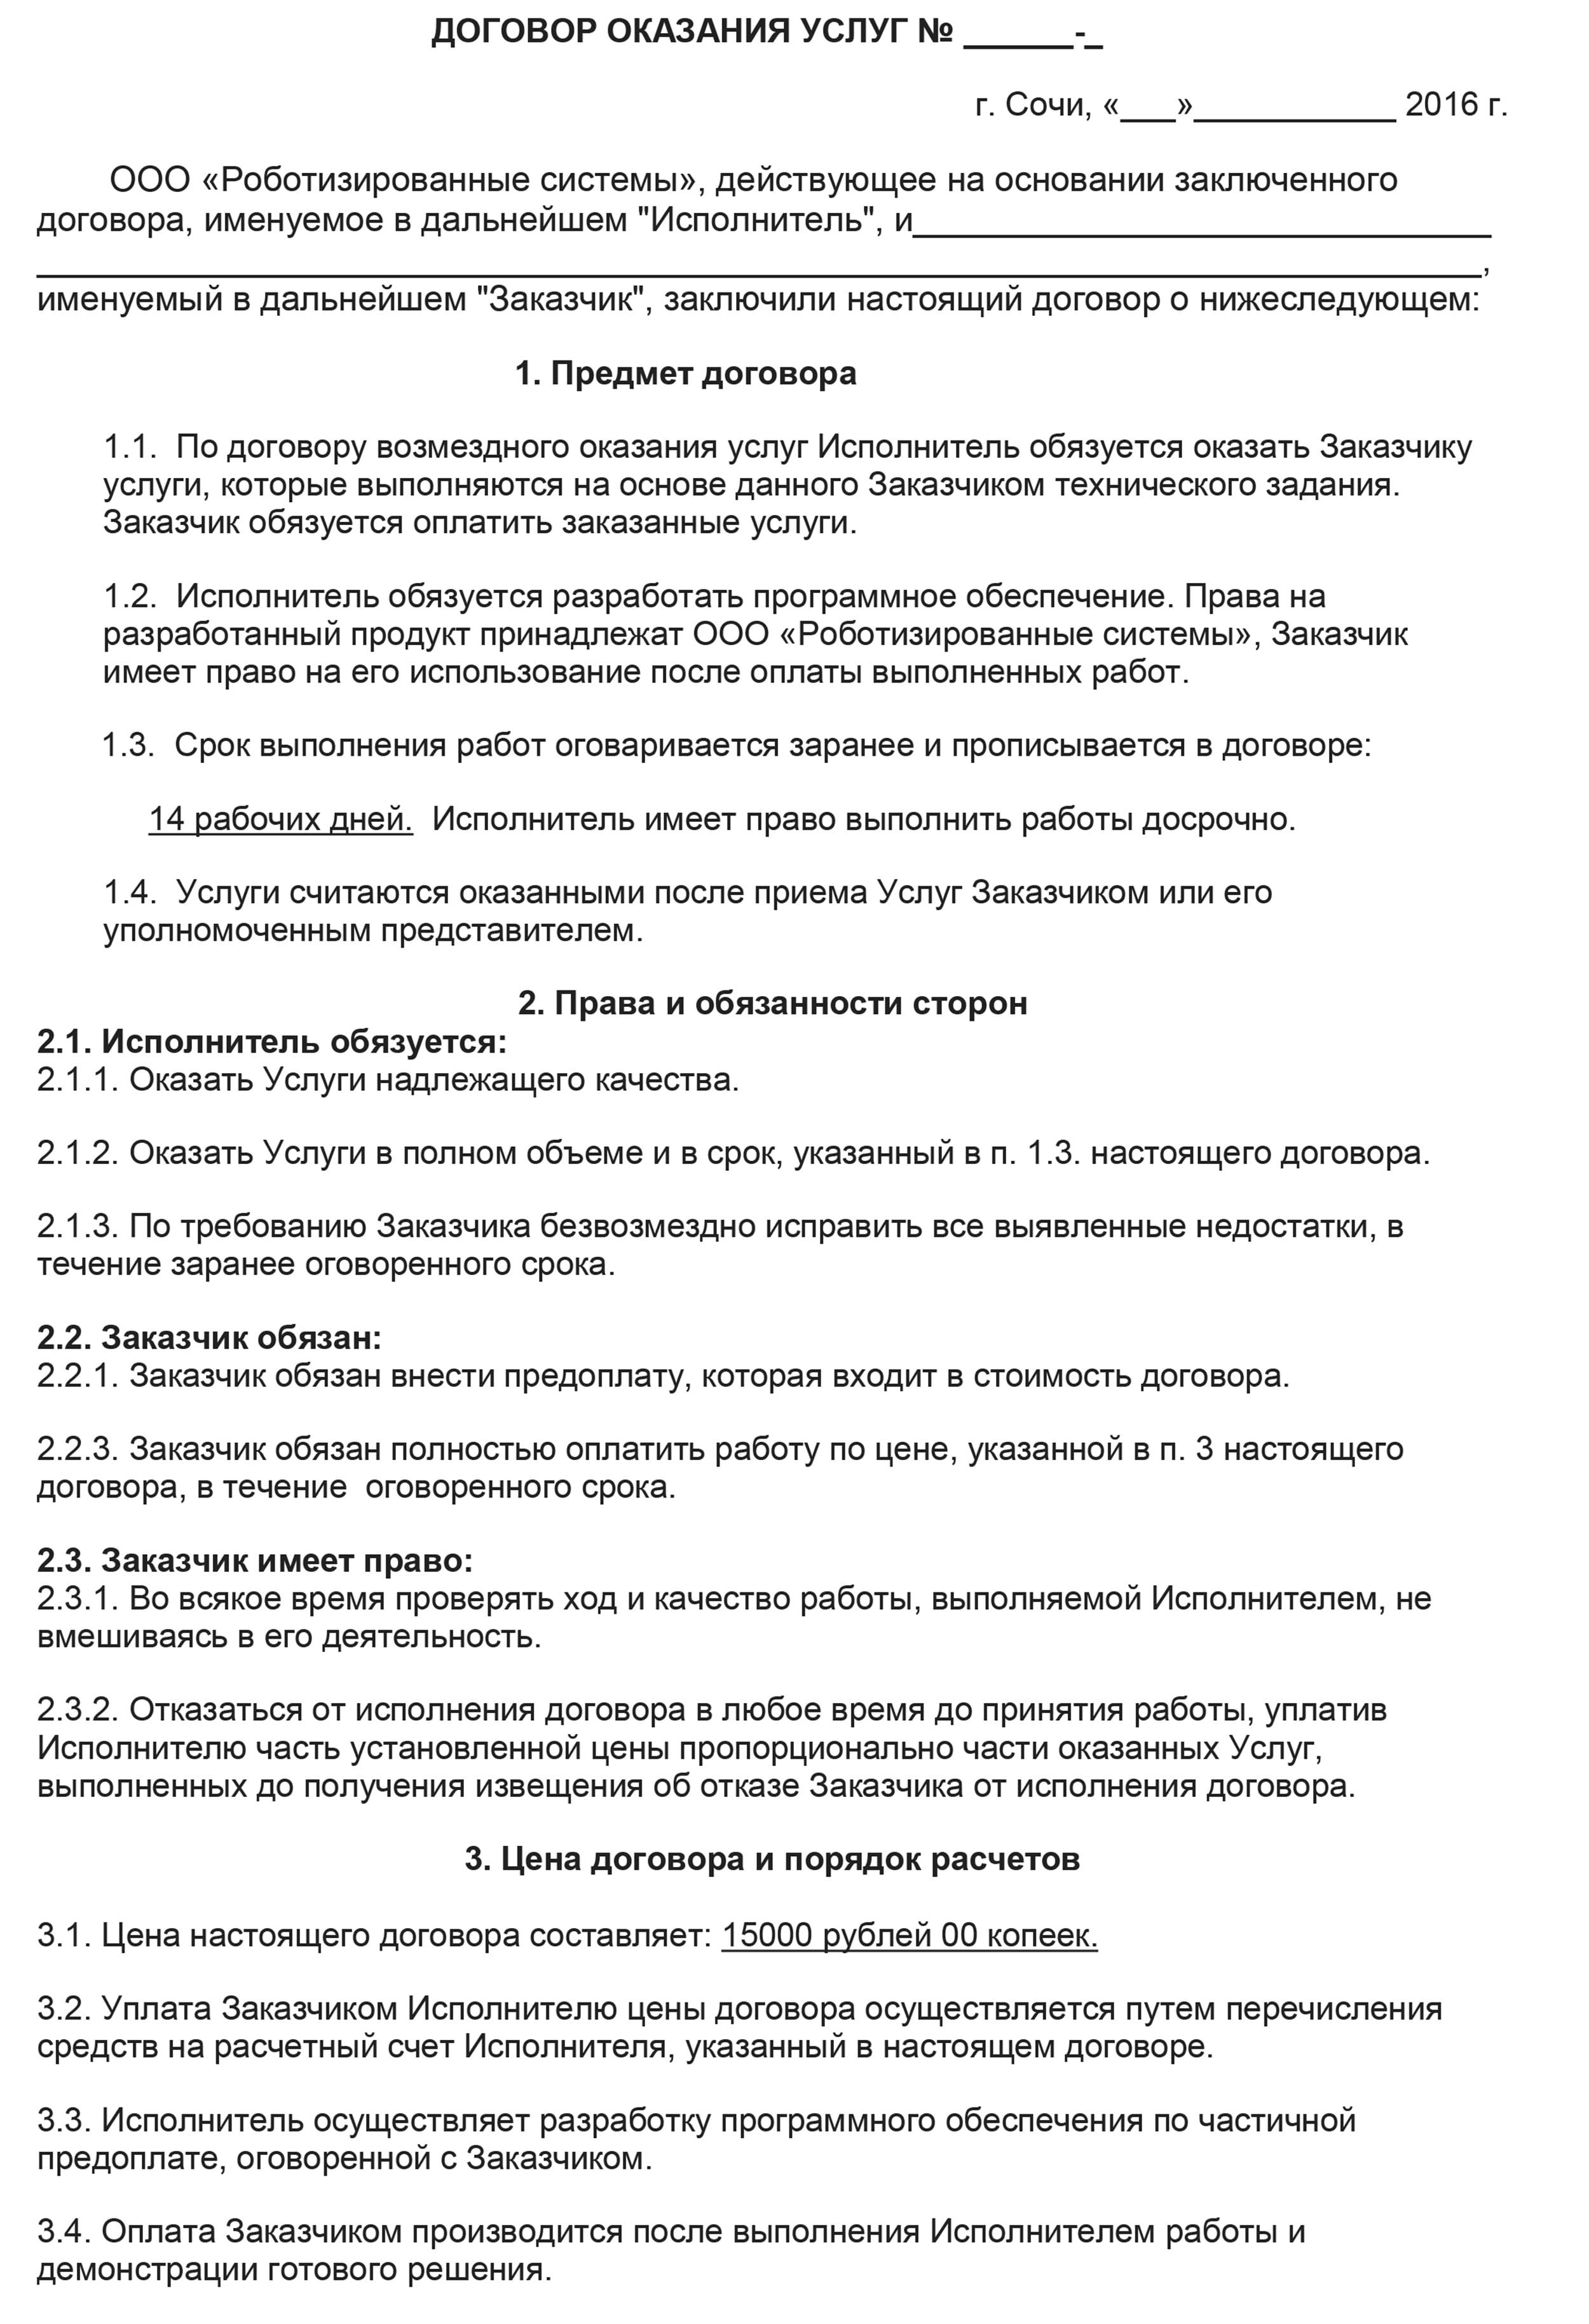 Program de afiliere cu opțiuni binare. Program de afiliere cu opțiuni binare Cleveraff